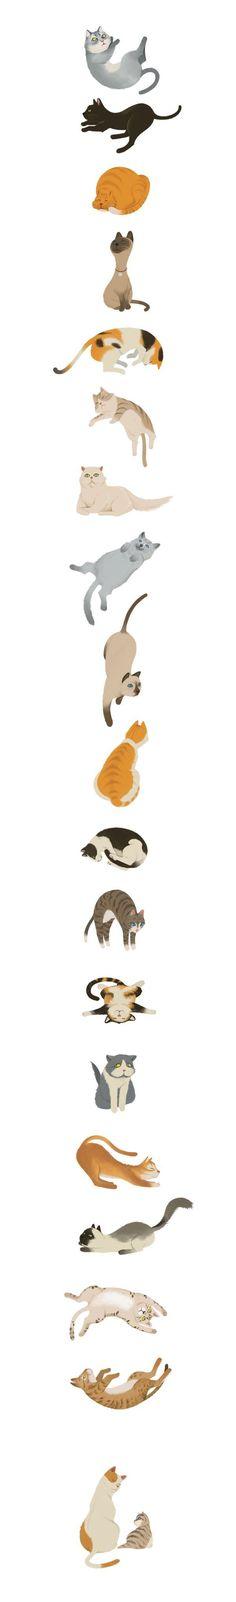 Cats by Wonho Jung, via Behance #CatArt